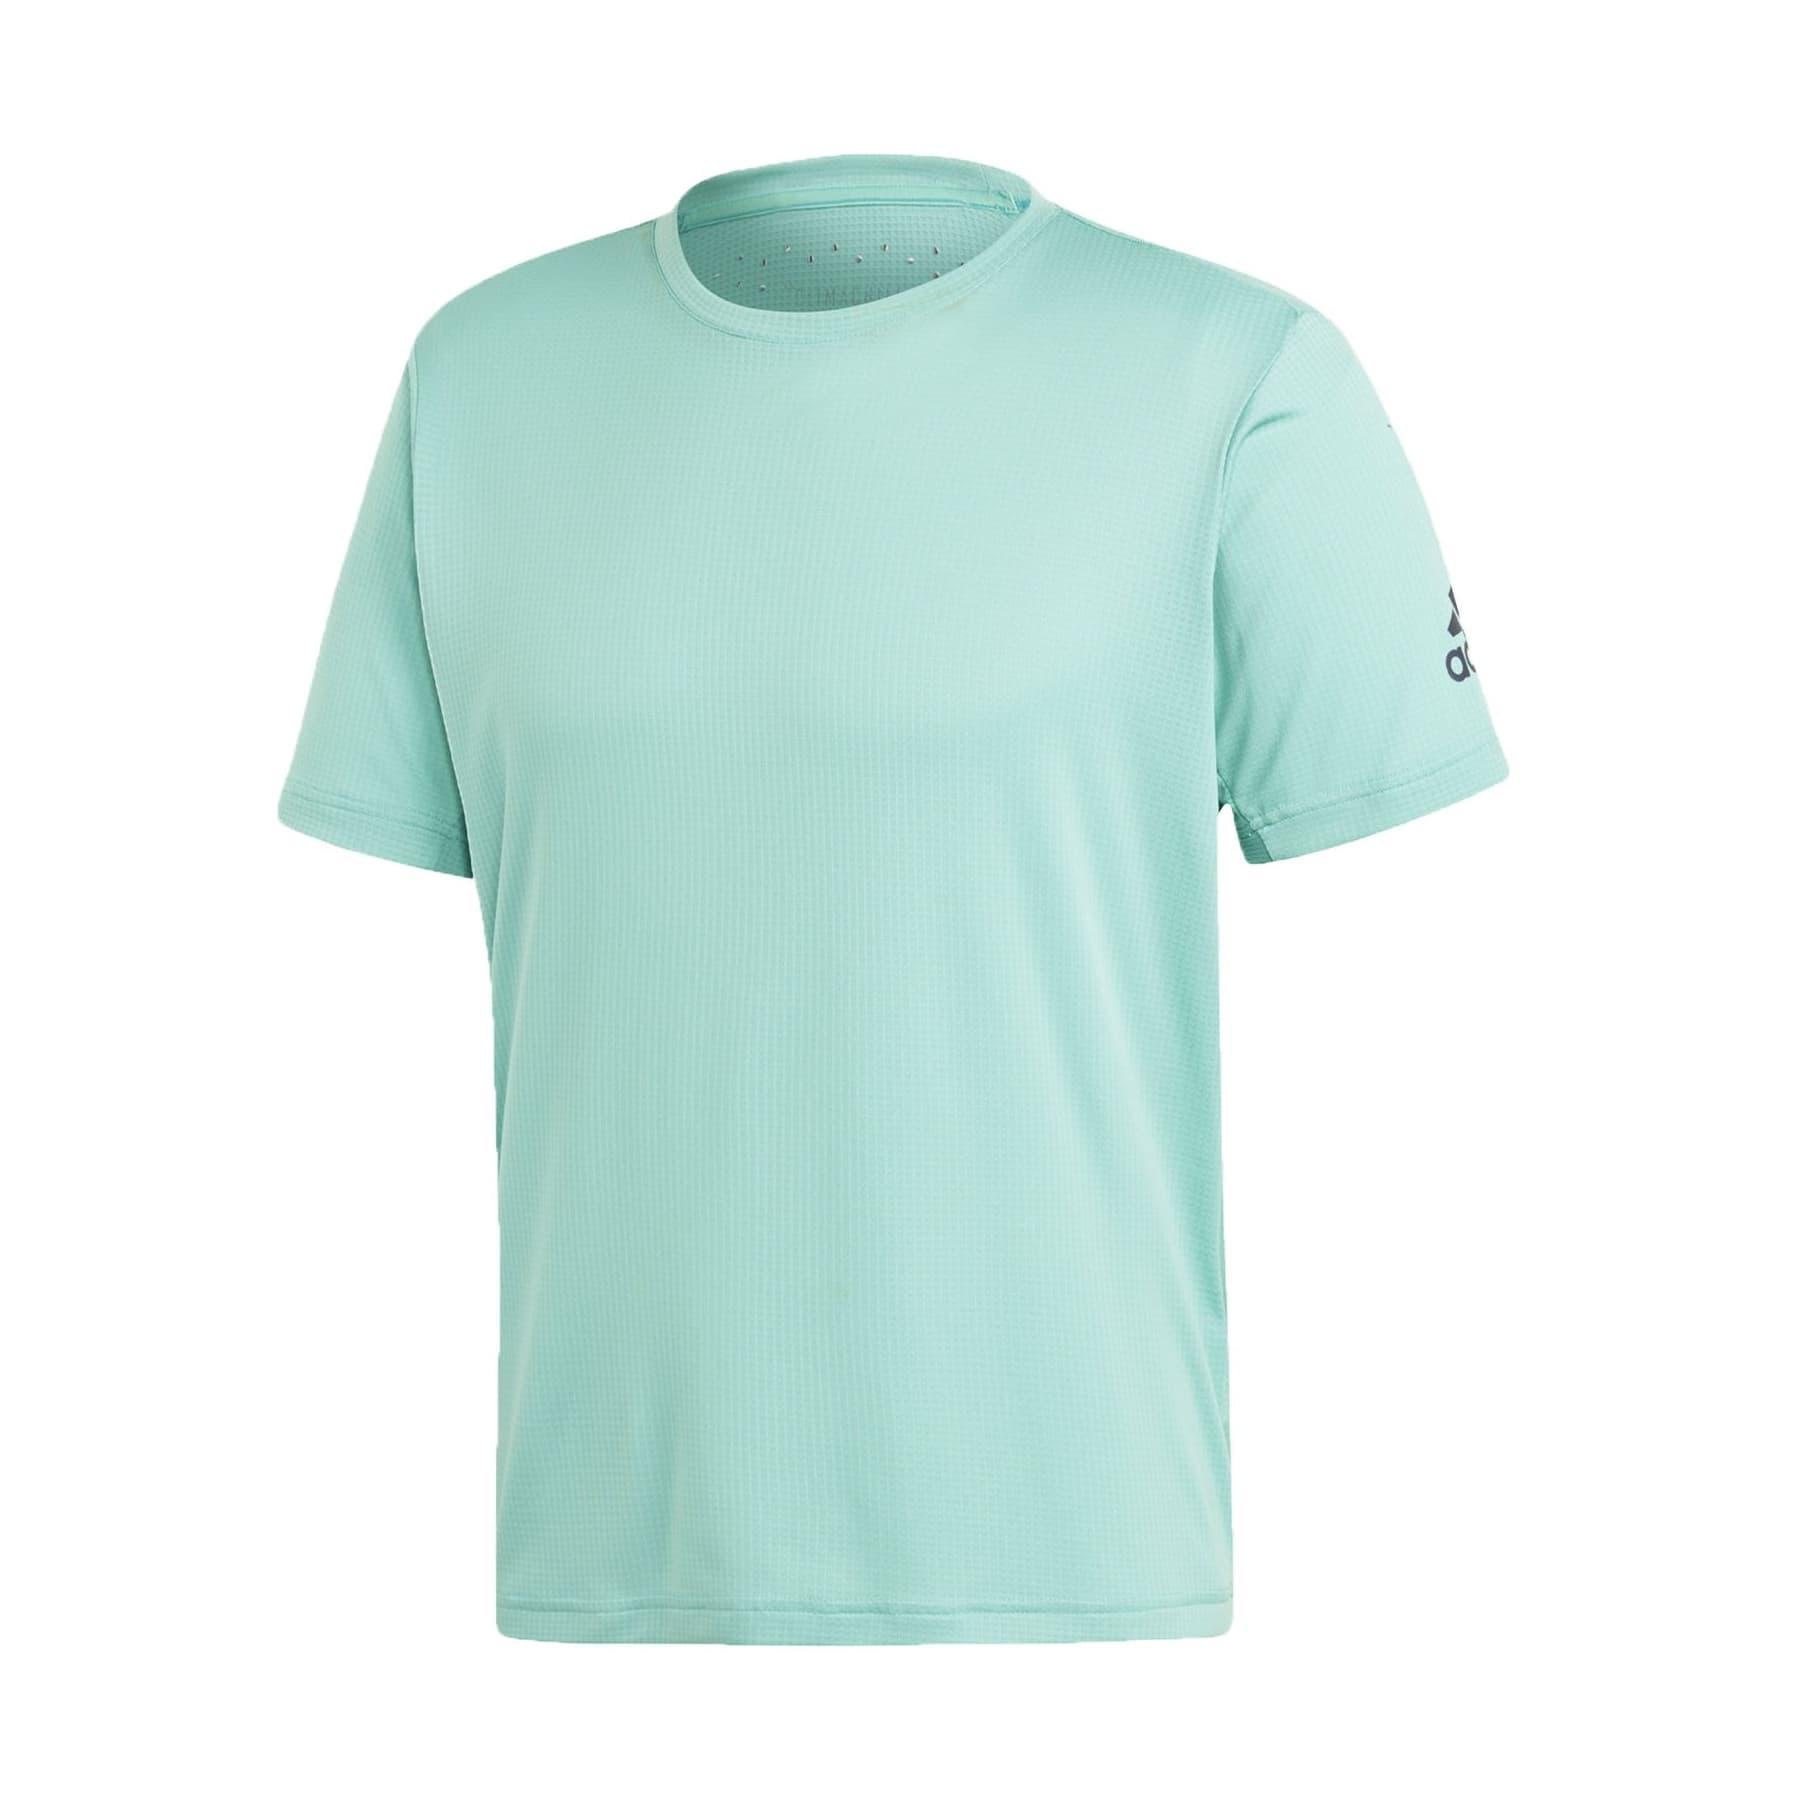 FreeLift Climachill Erkek Yeşil Spor Tişört (CE0820)